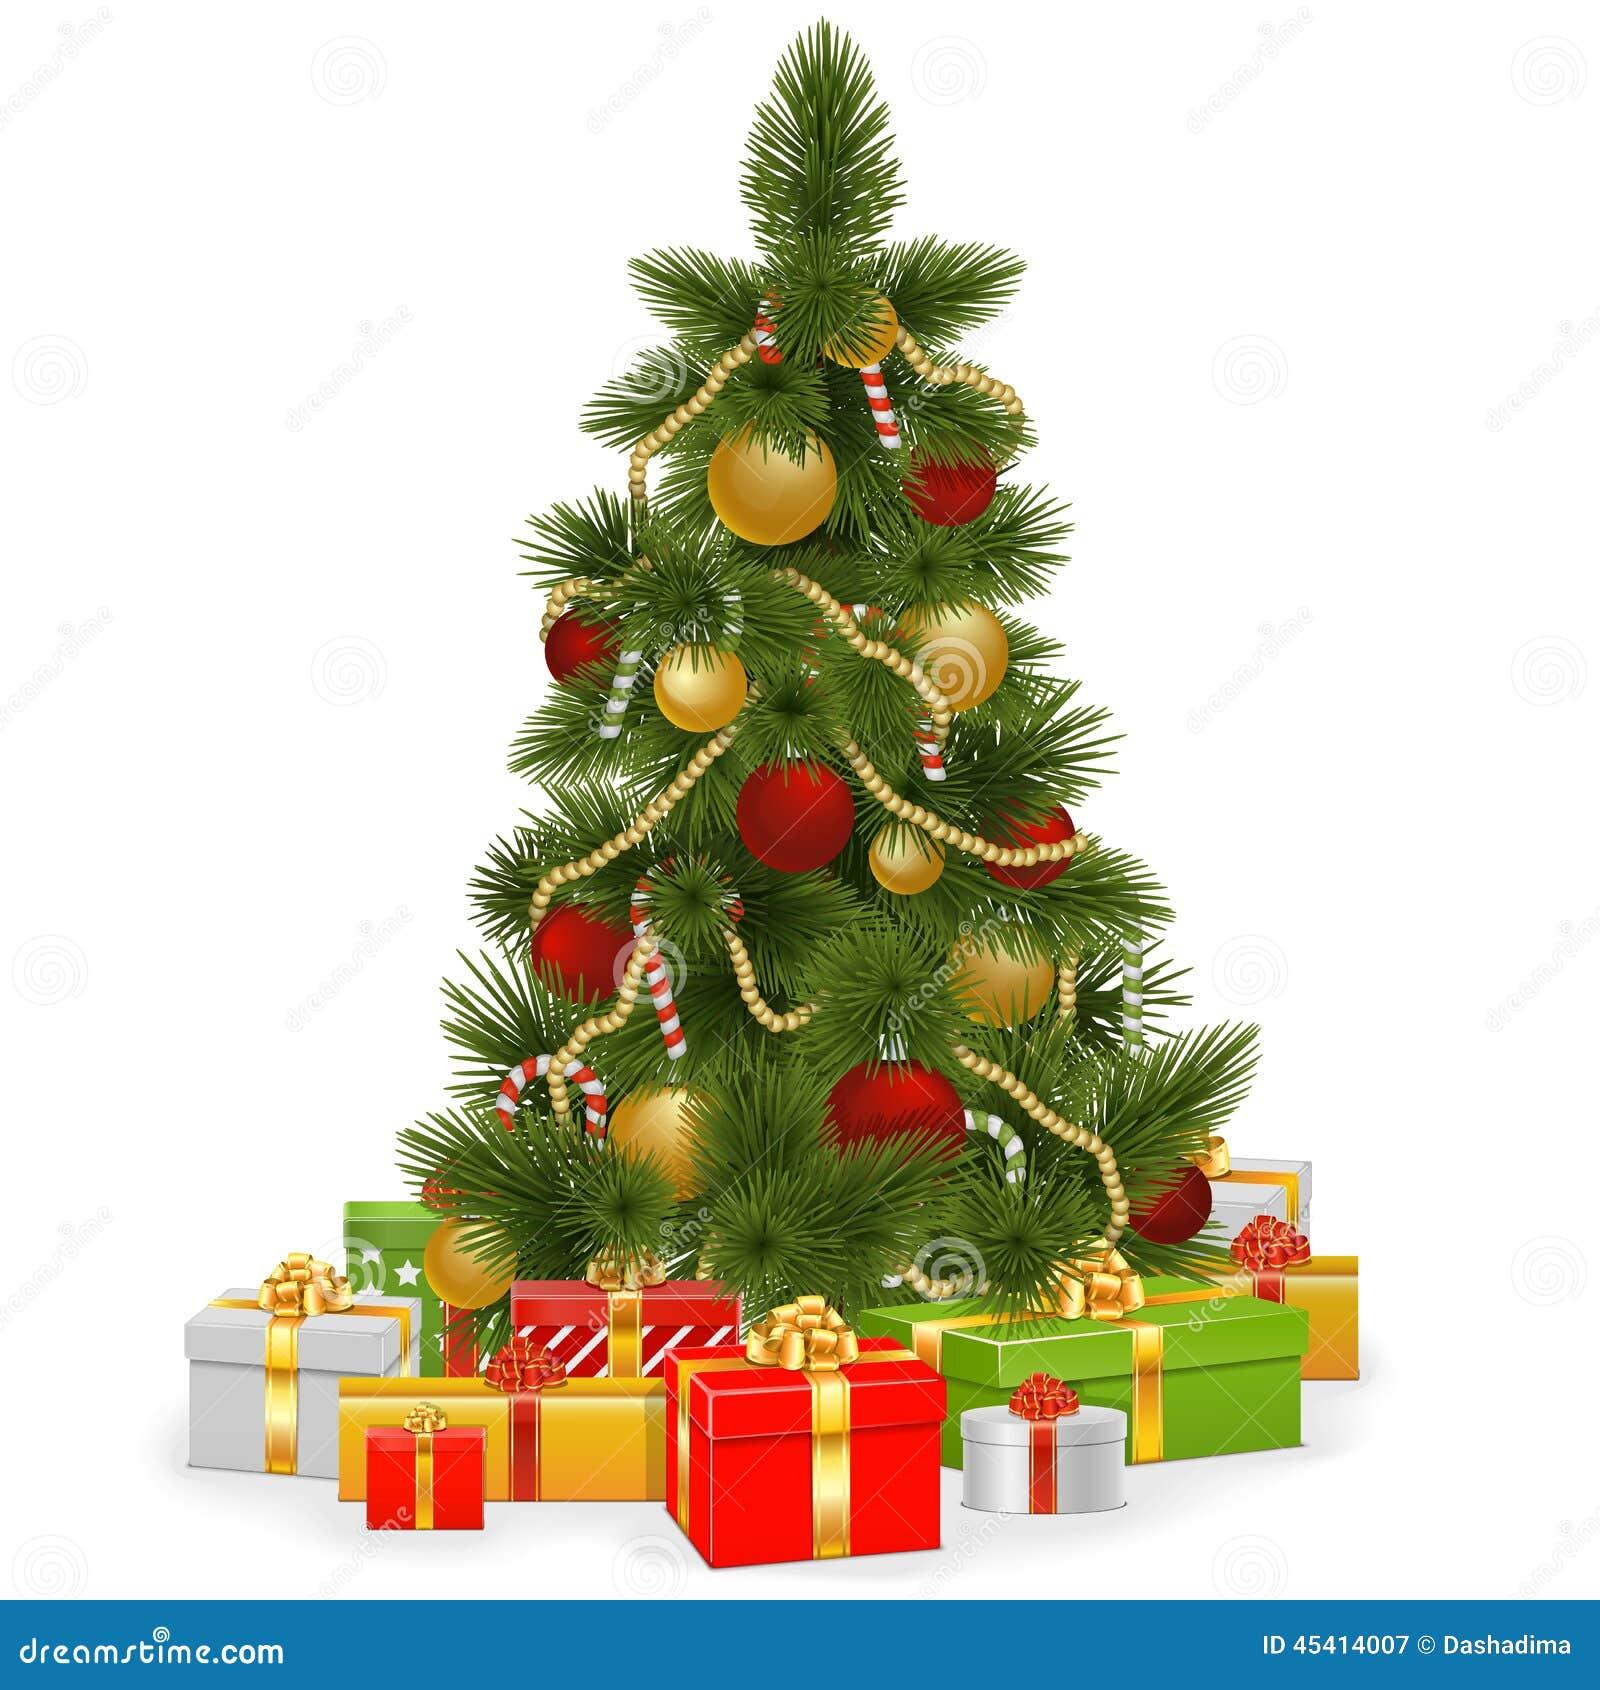 Rbol de navidad del vector con los regalos ilustraci n - Arbol de navidad con regalos ...